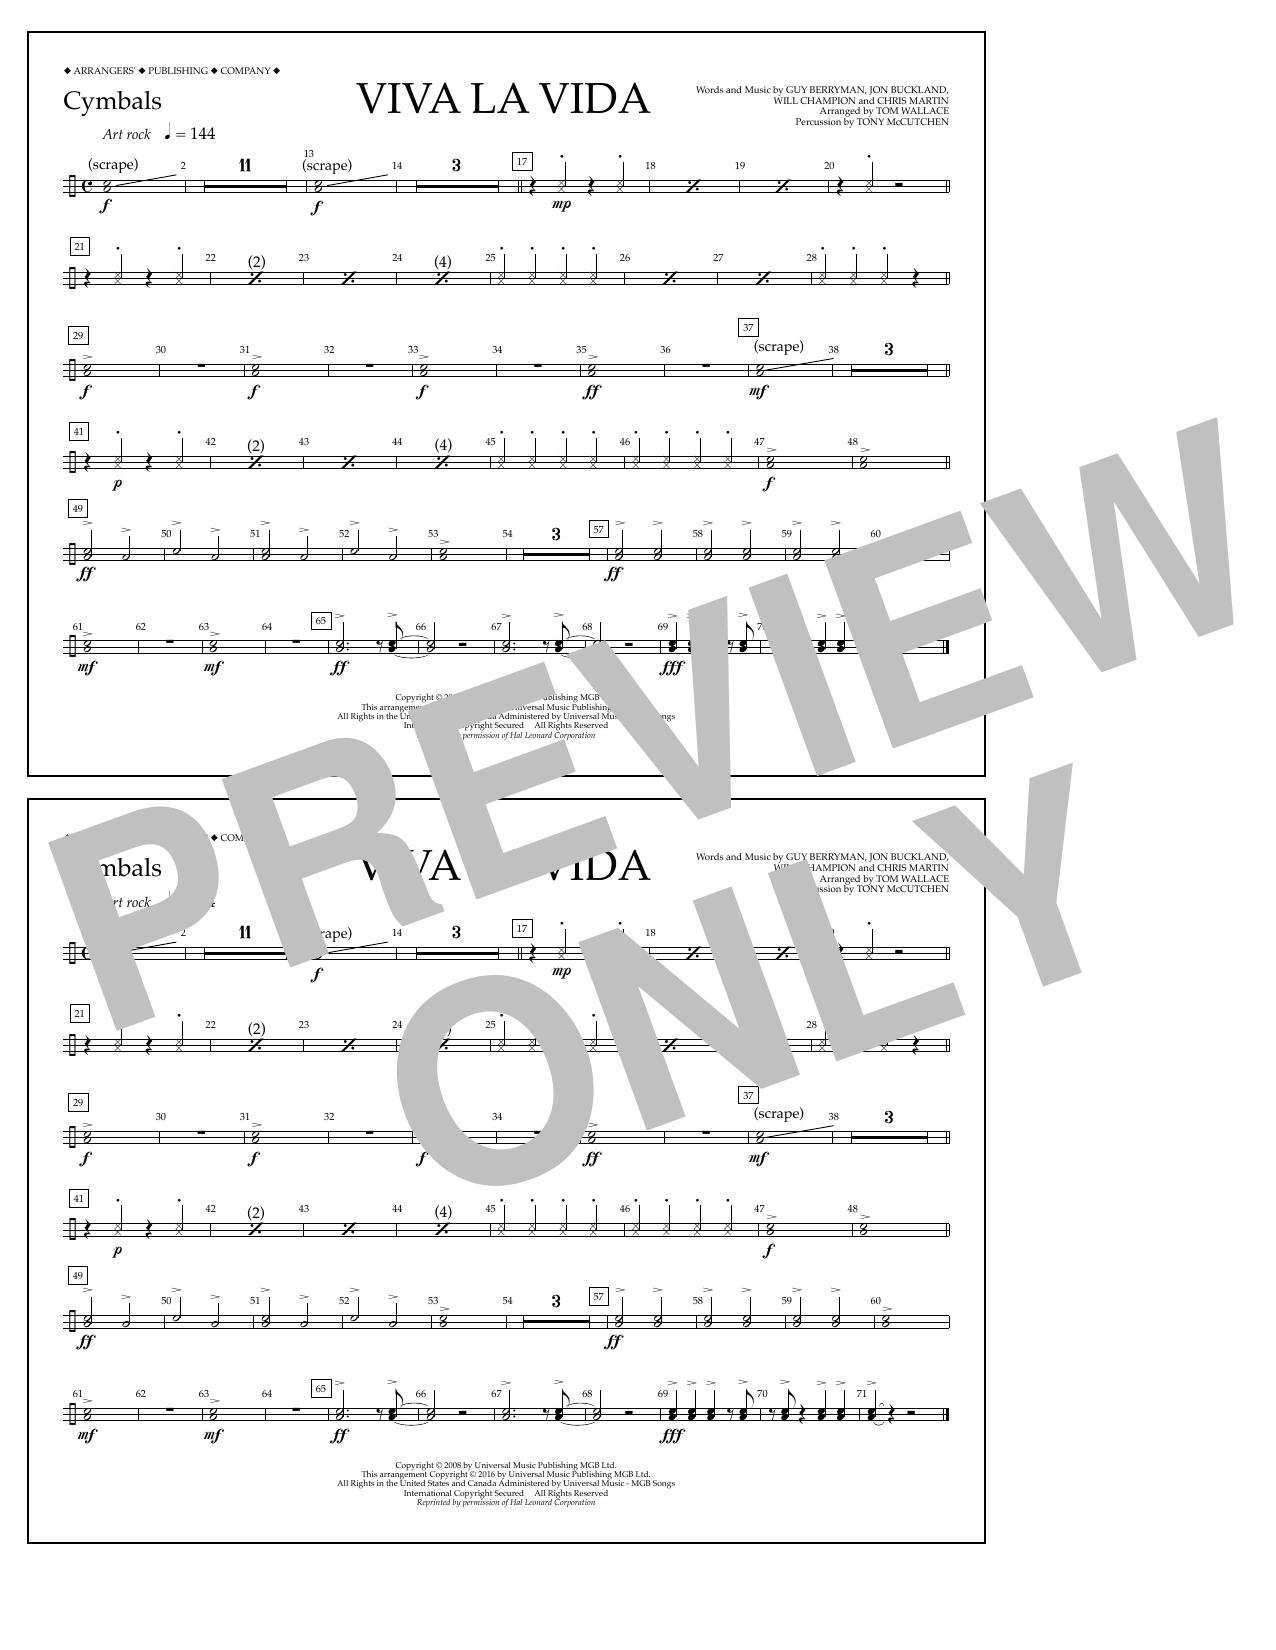 Coldplay - Viva La Vida - Cymbals